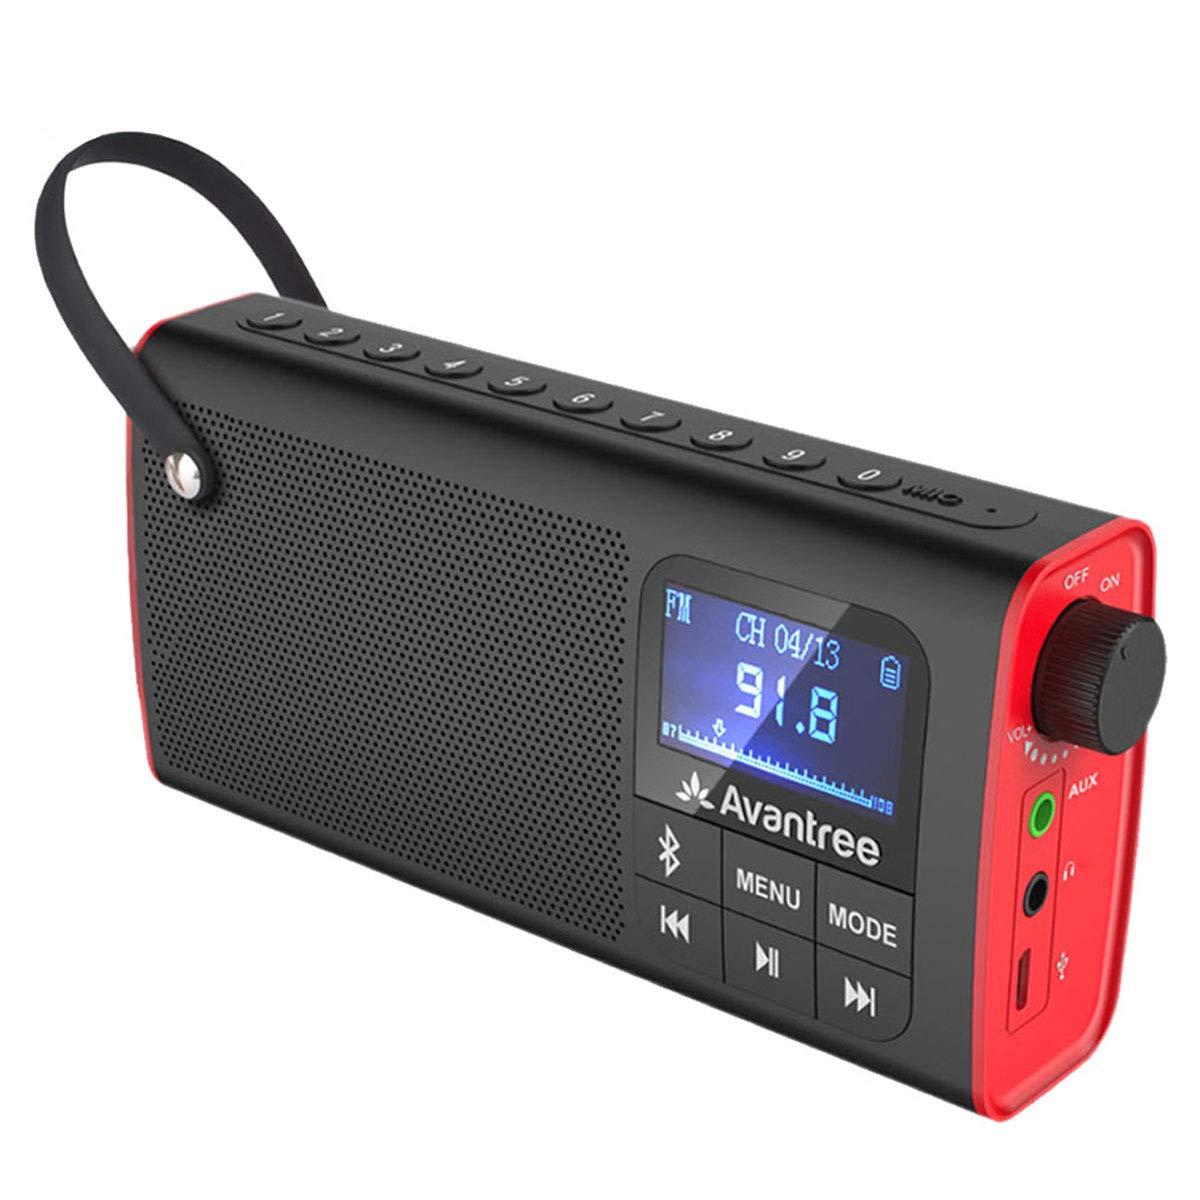 938ccf818 Avantree 3 en 1 Radio FM con Altavoz Bluetooth Portátil y Reproductor de  tarjeta SD